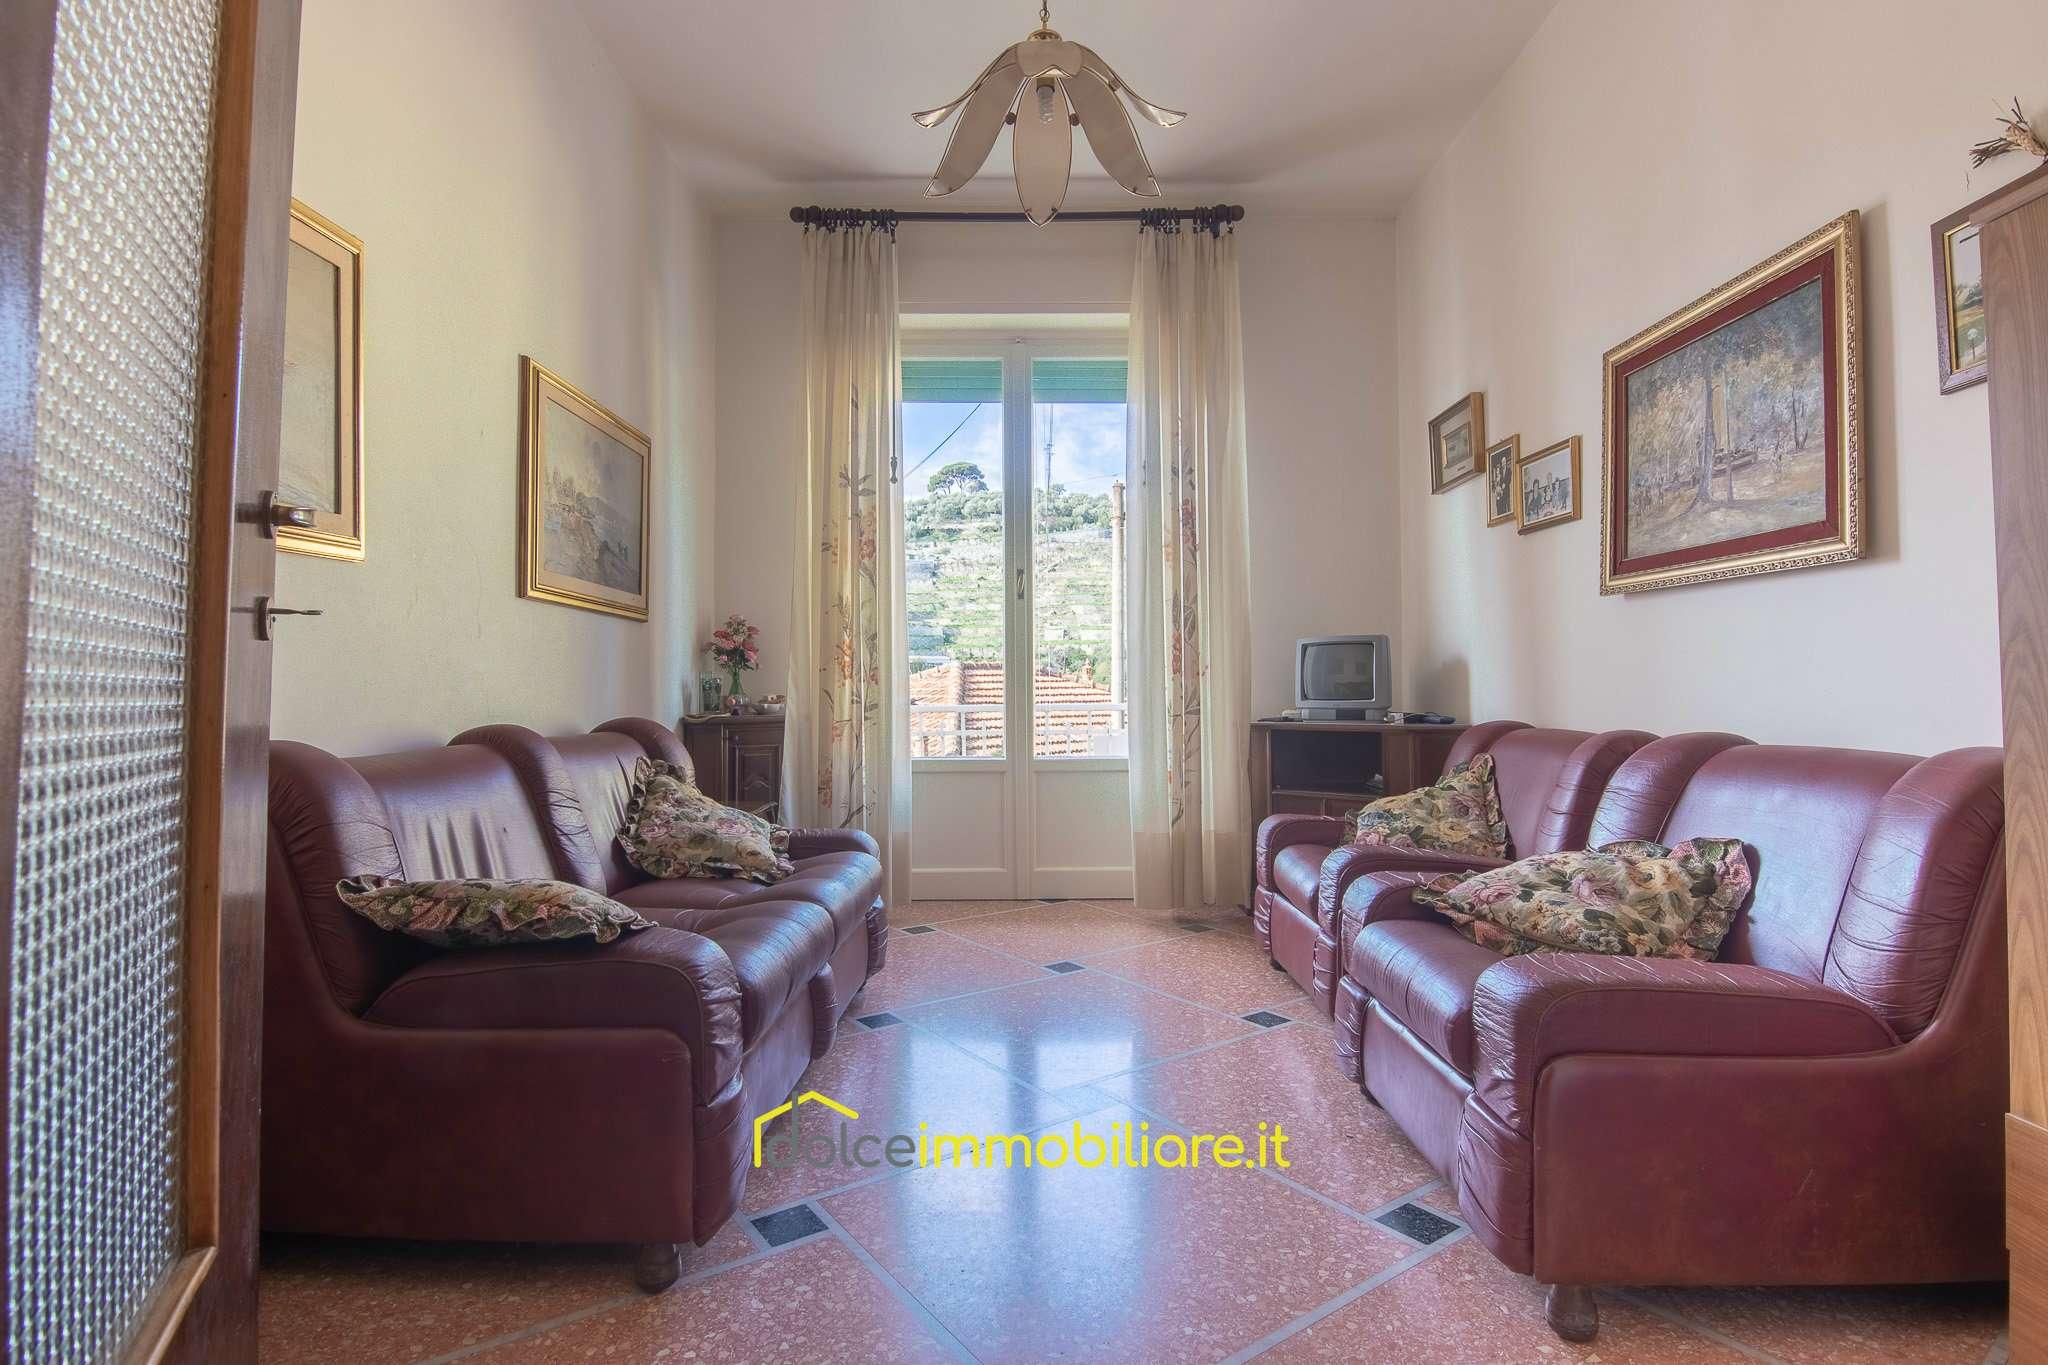 Appartamento in vendita a Rapallo, 3 locali, prezzo € 135.000   CambioCasa.it